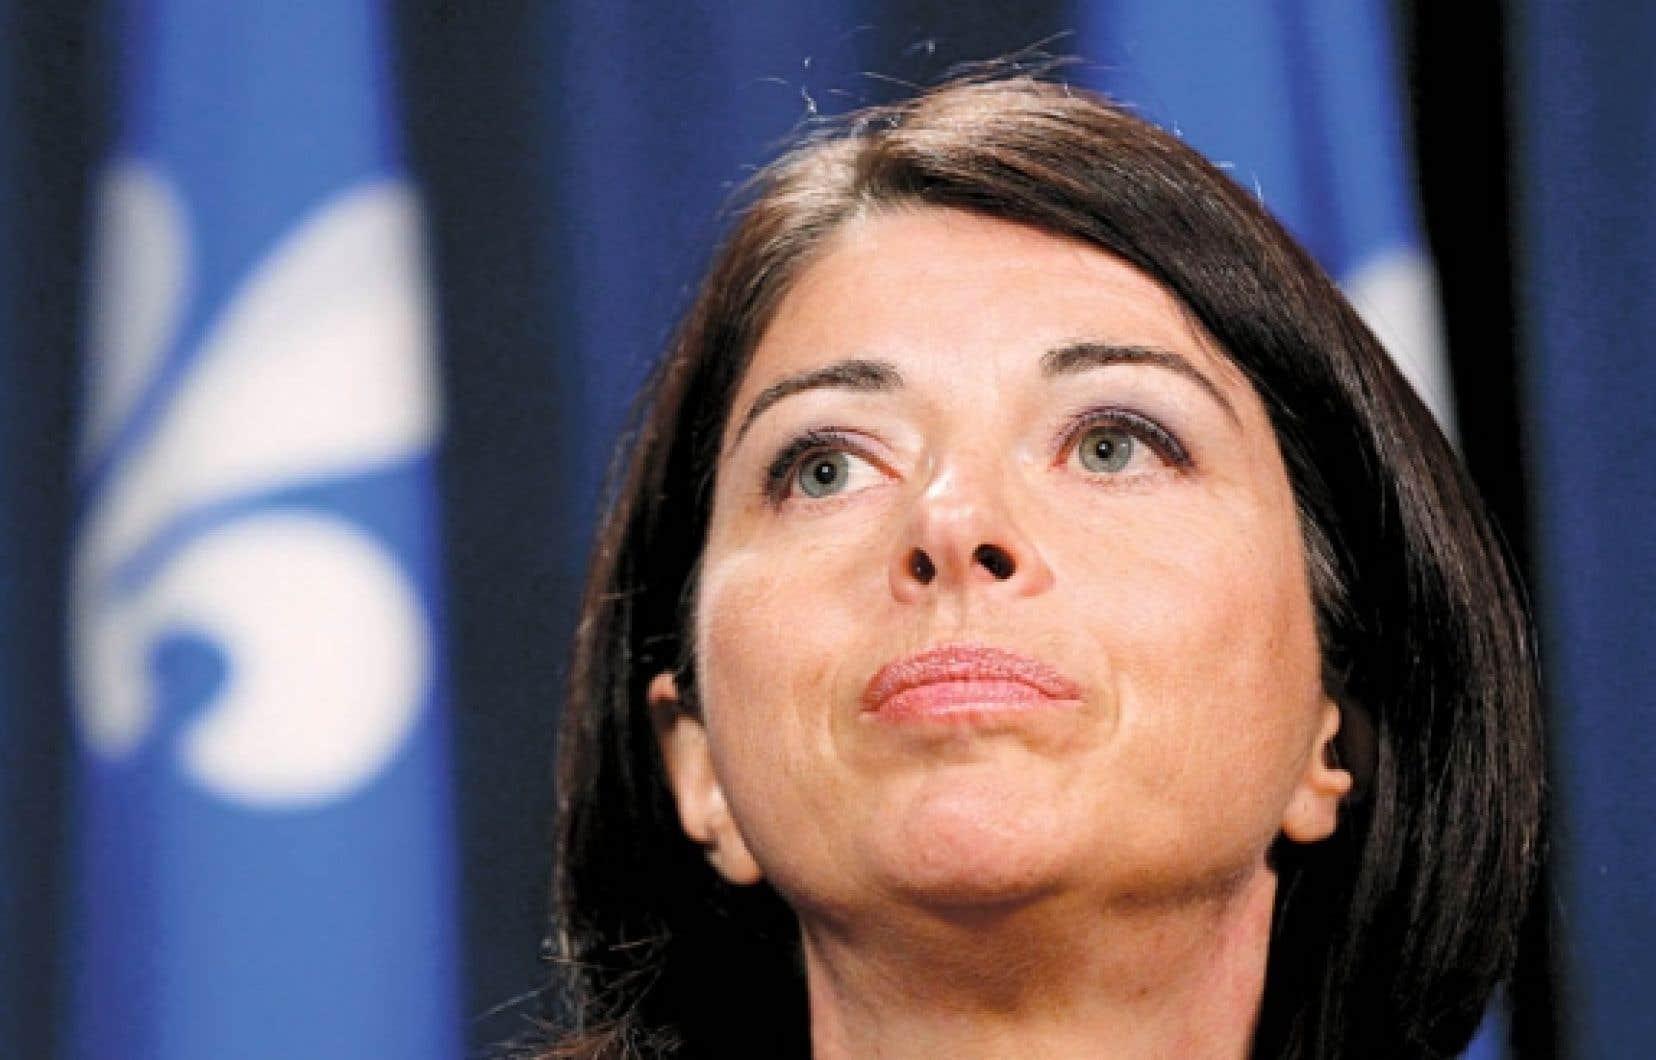 <div> La ministre de l'Éducation, Line Beauchamp, en conférence de presse à Québec, hier. Elle a annoncé qu'elle se donnait 48 heures pour voir si un blitz de discussions avec les étudiants pouvait débloquer l'impasse.</div>